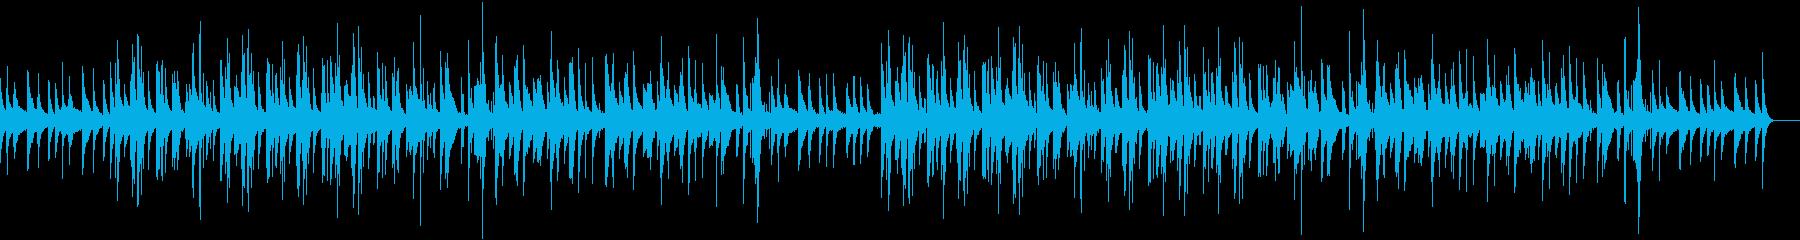 静かでスローなジャズの再生済みの波形